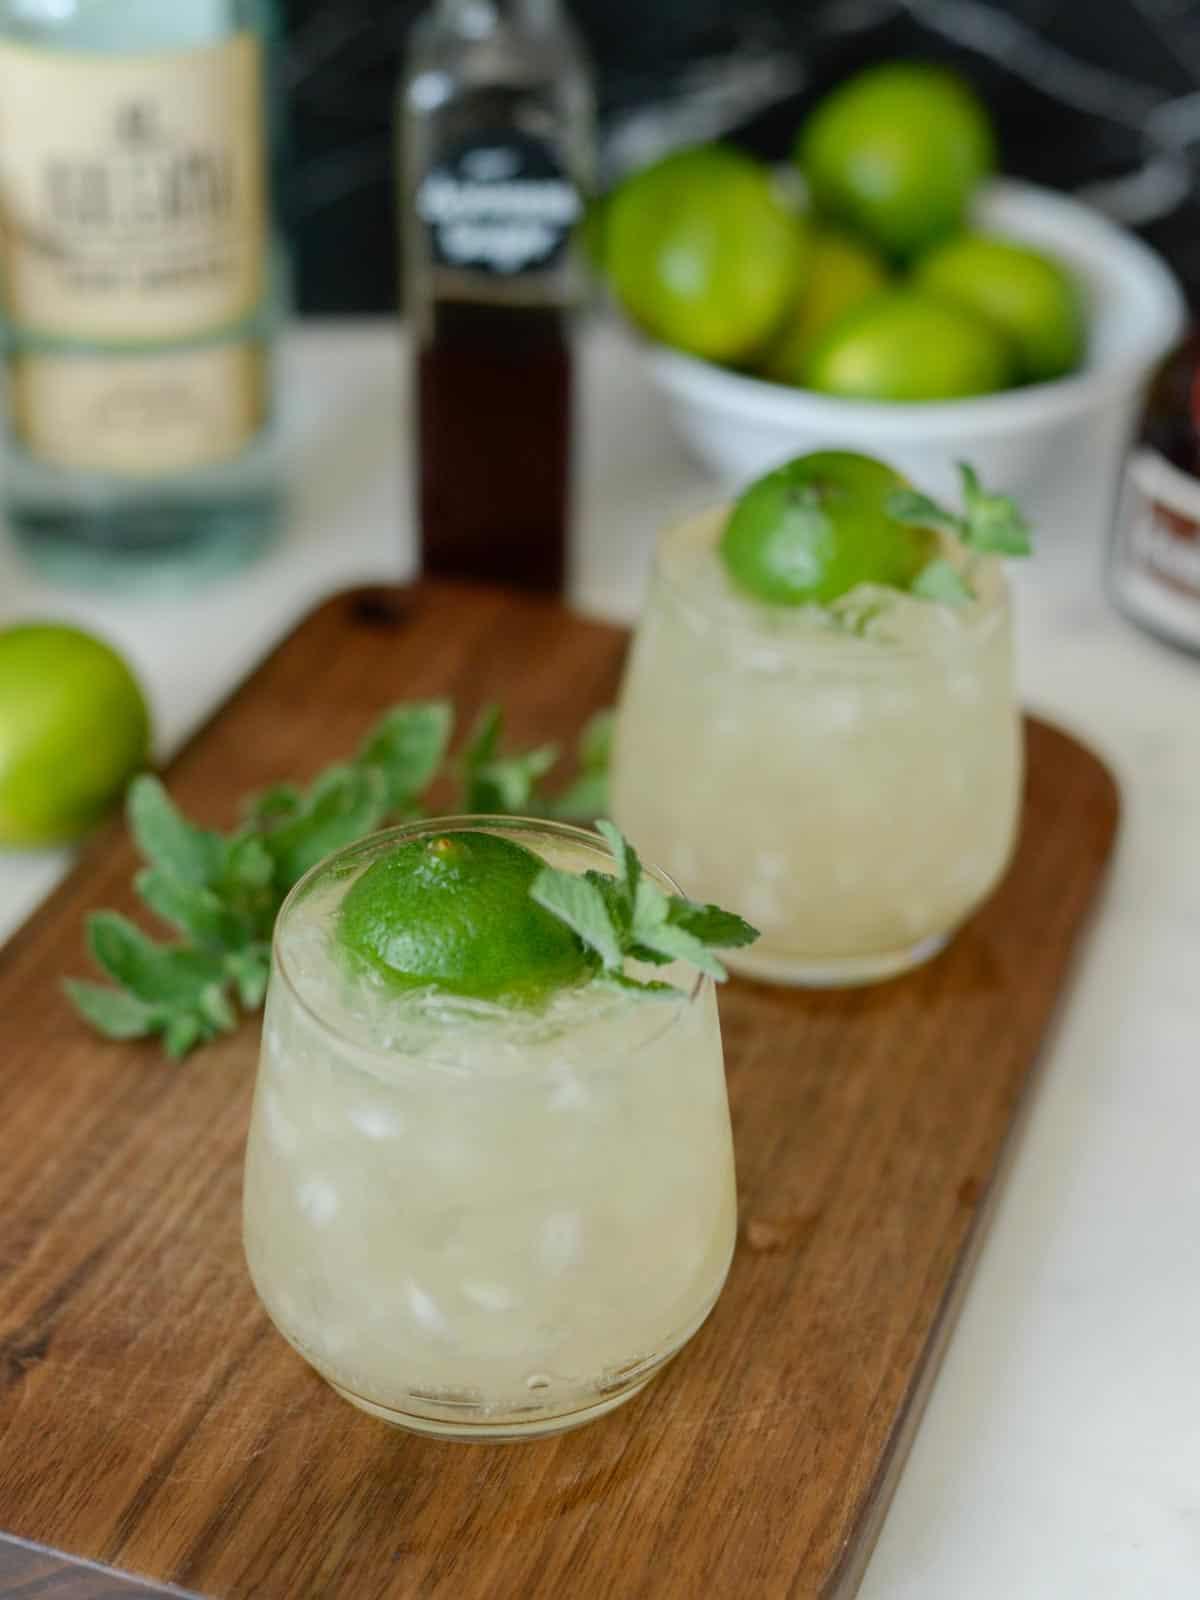 mai tais on a table with fresh limes